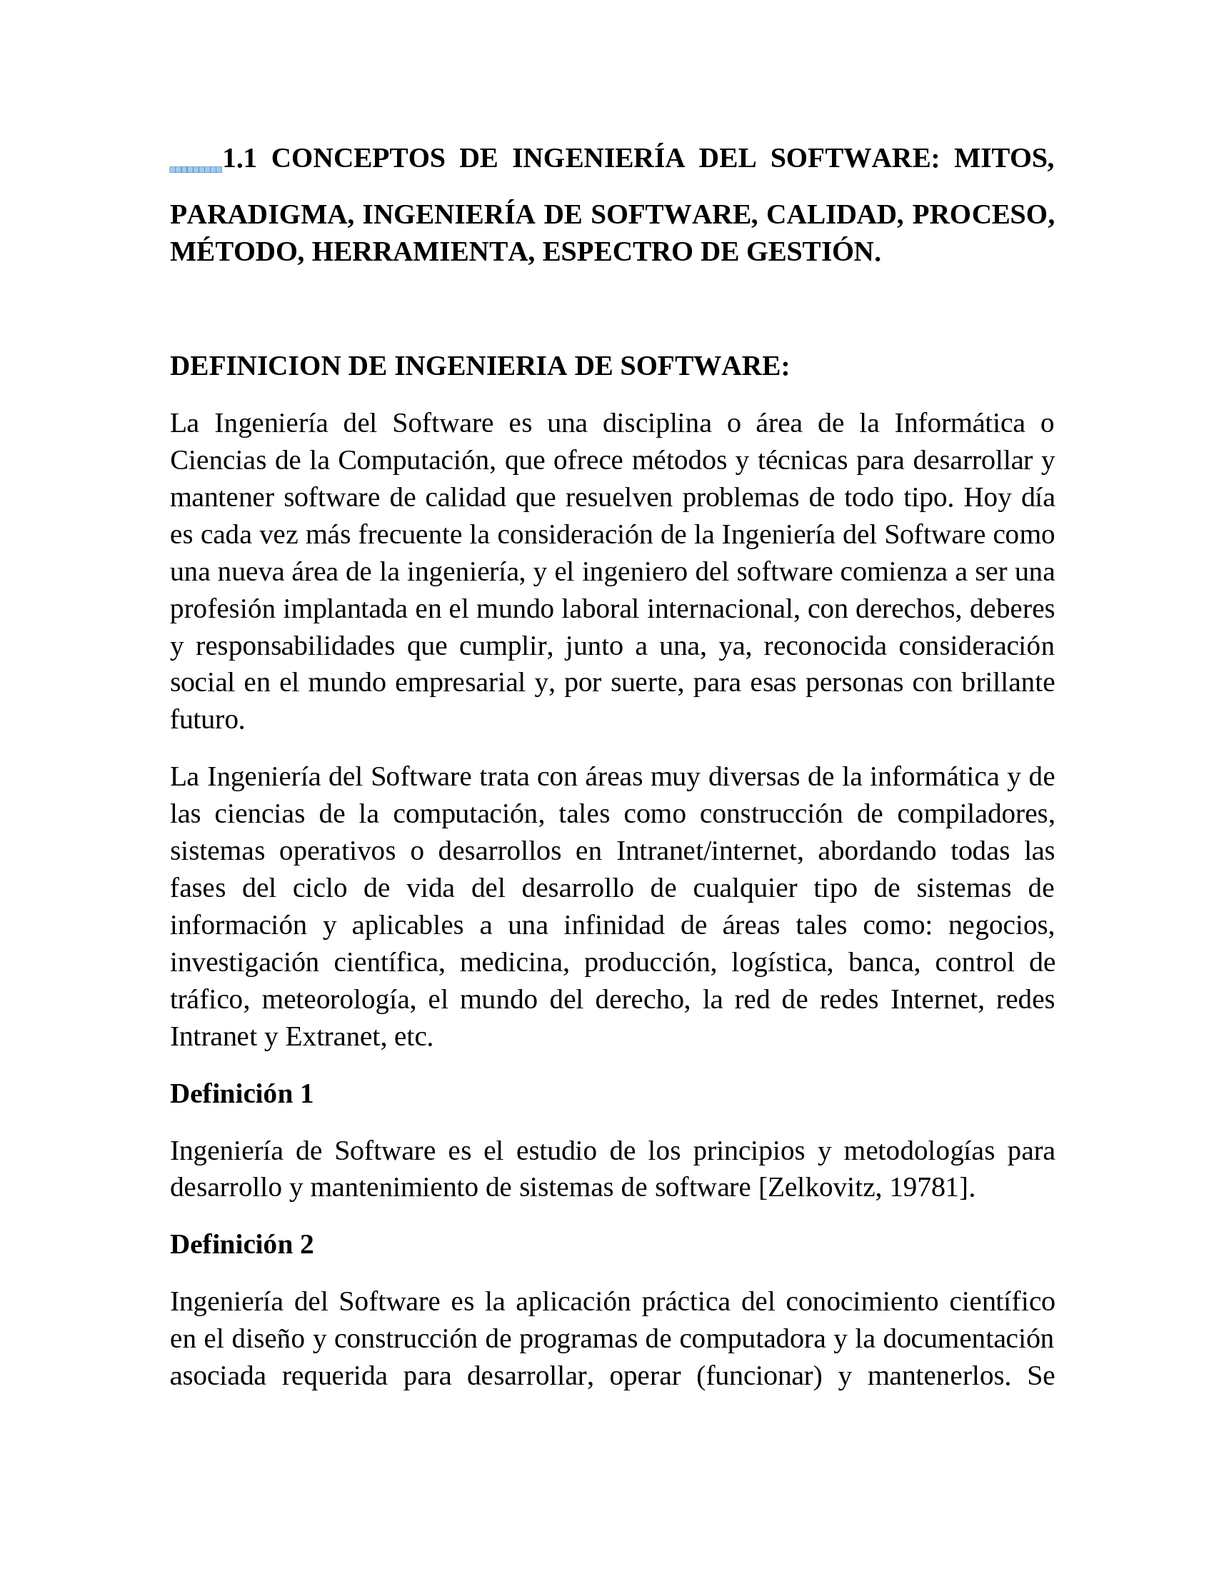 Calaméo - Antologia Ingenieria del Software